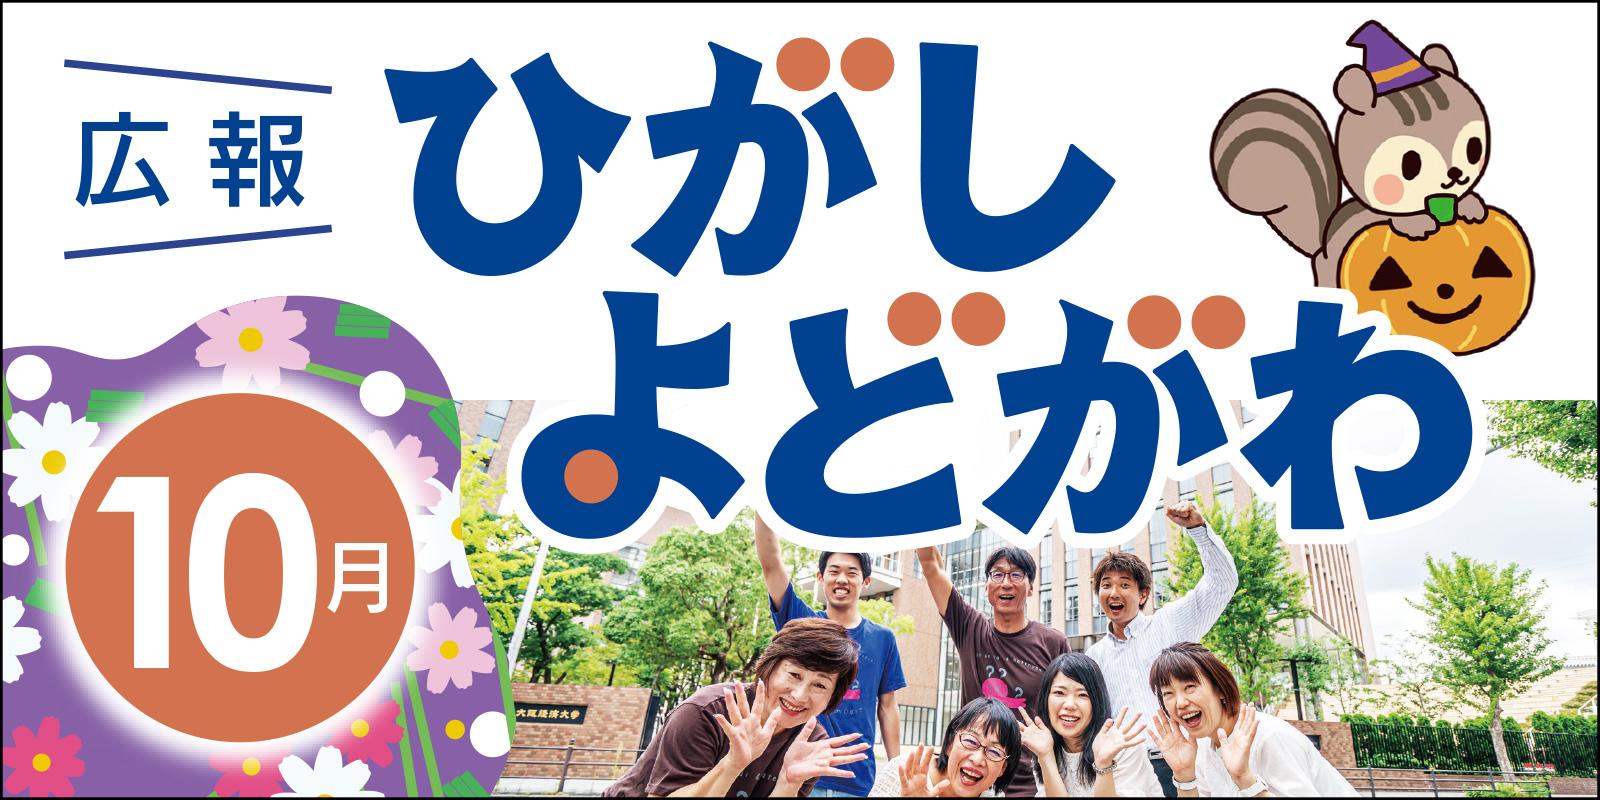 広報ひがしよどがわ2019年10月号(大阪市東淀川区)